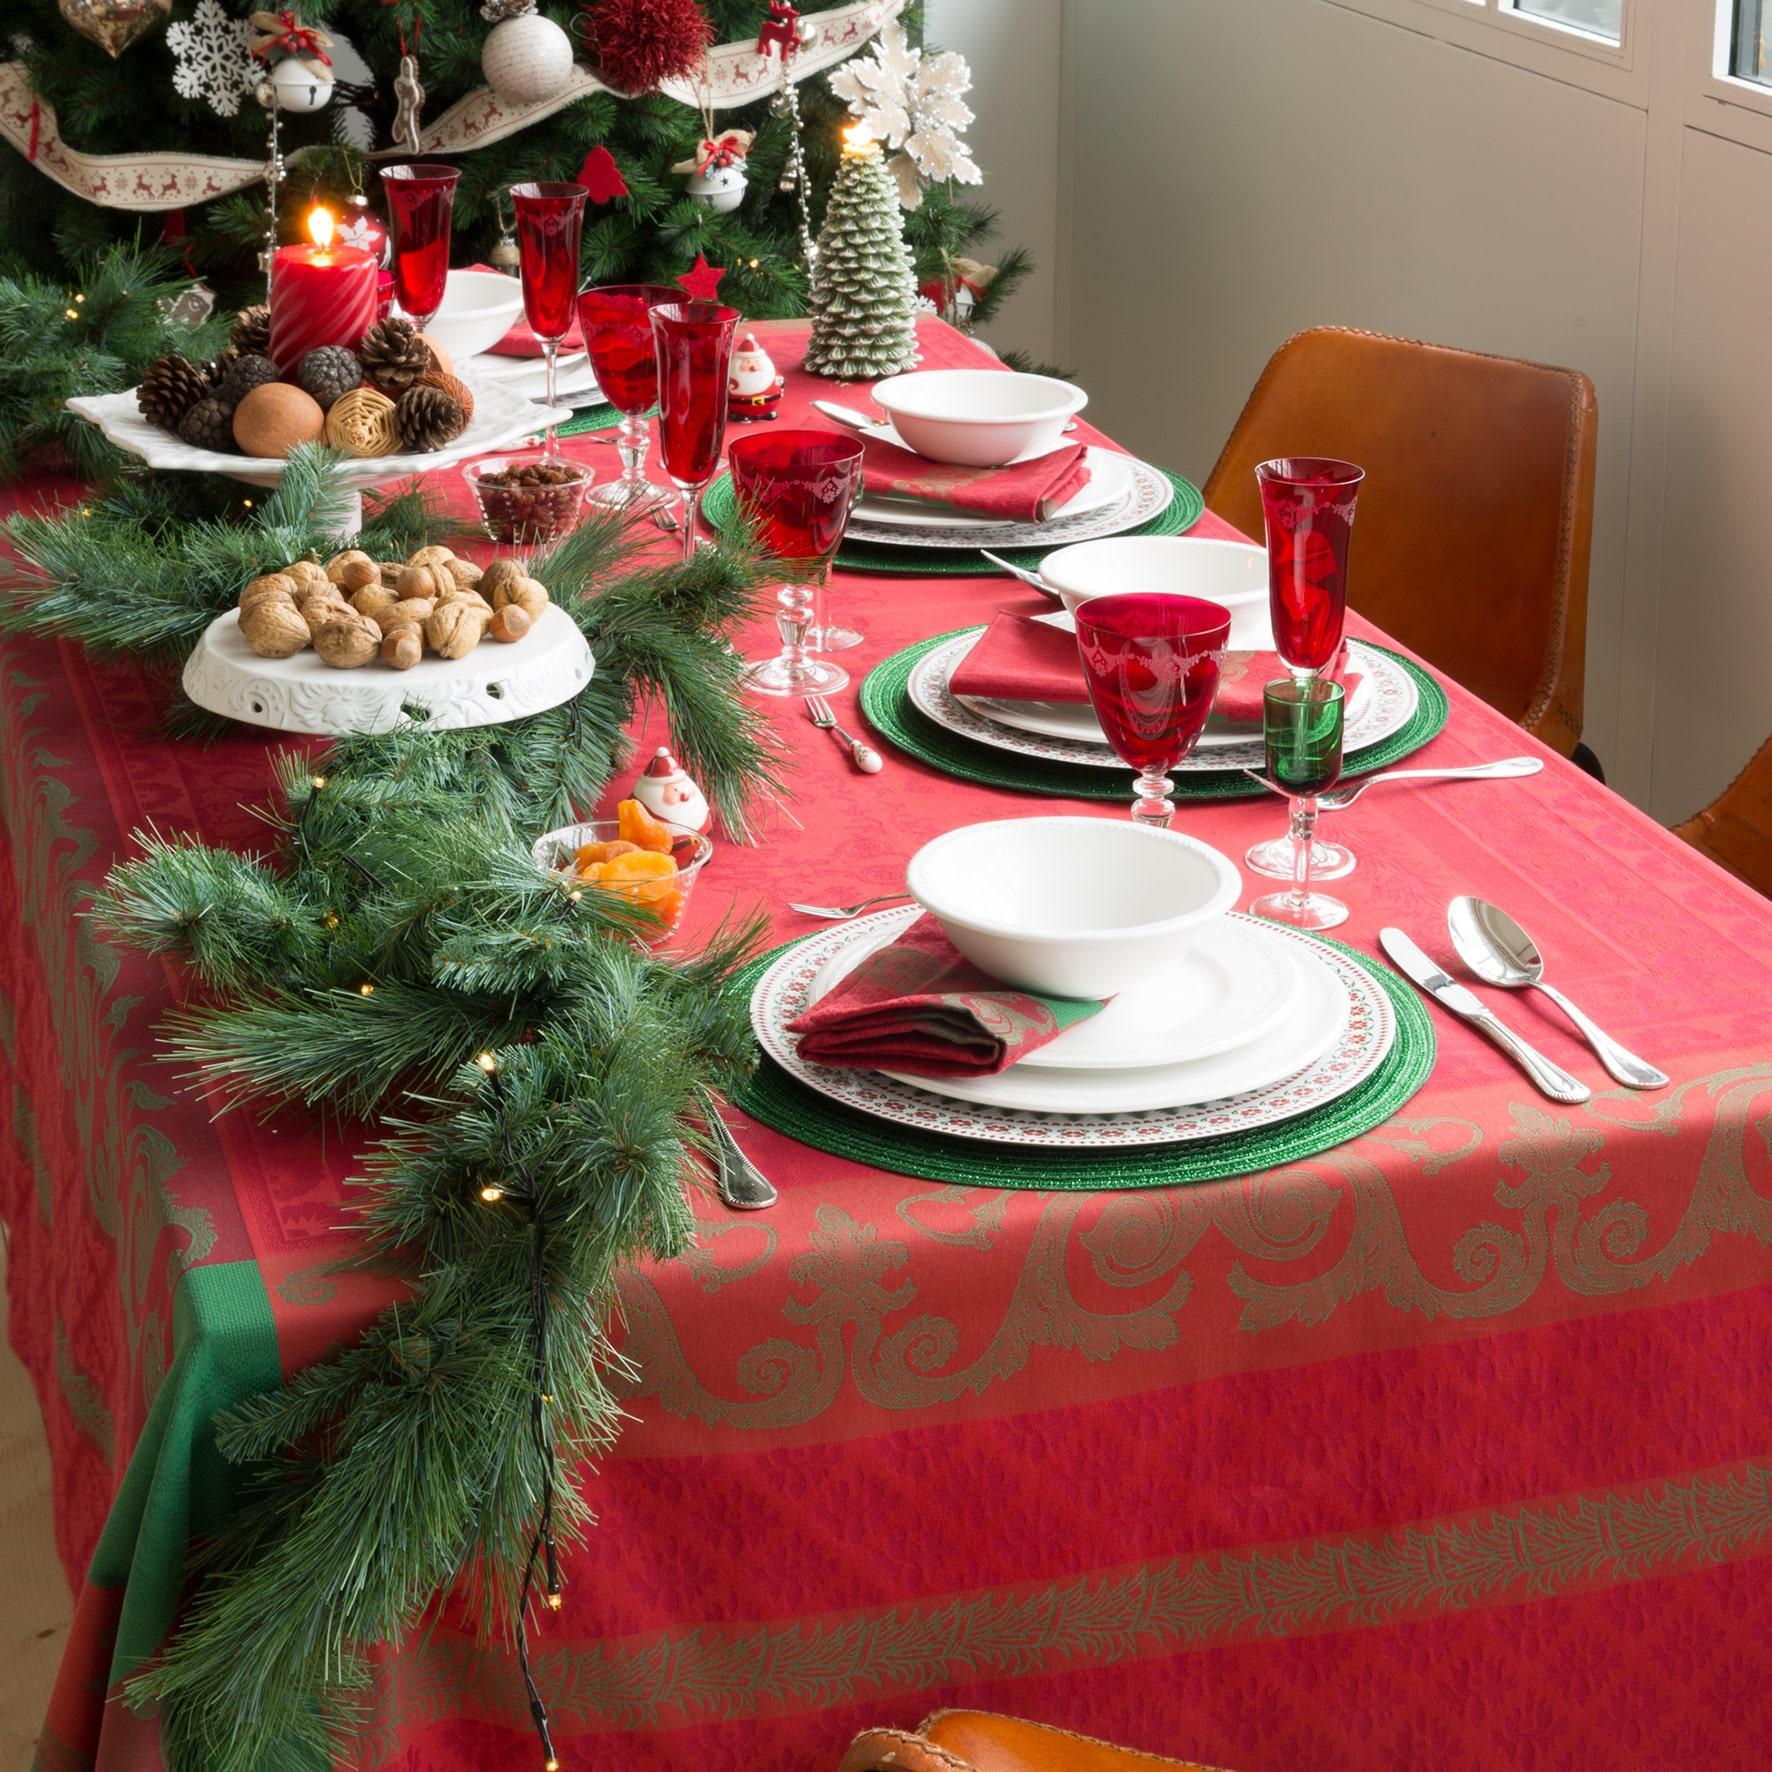 Natale 2015: 30 Idee Per Apparecchiare La Tavola Di Natale #A72429 1772 1772 Come Addobbare Una Sala Da Pranzo Per Natale